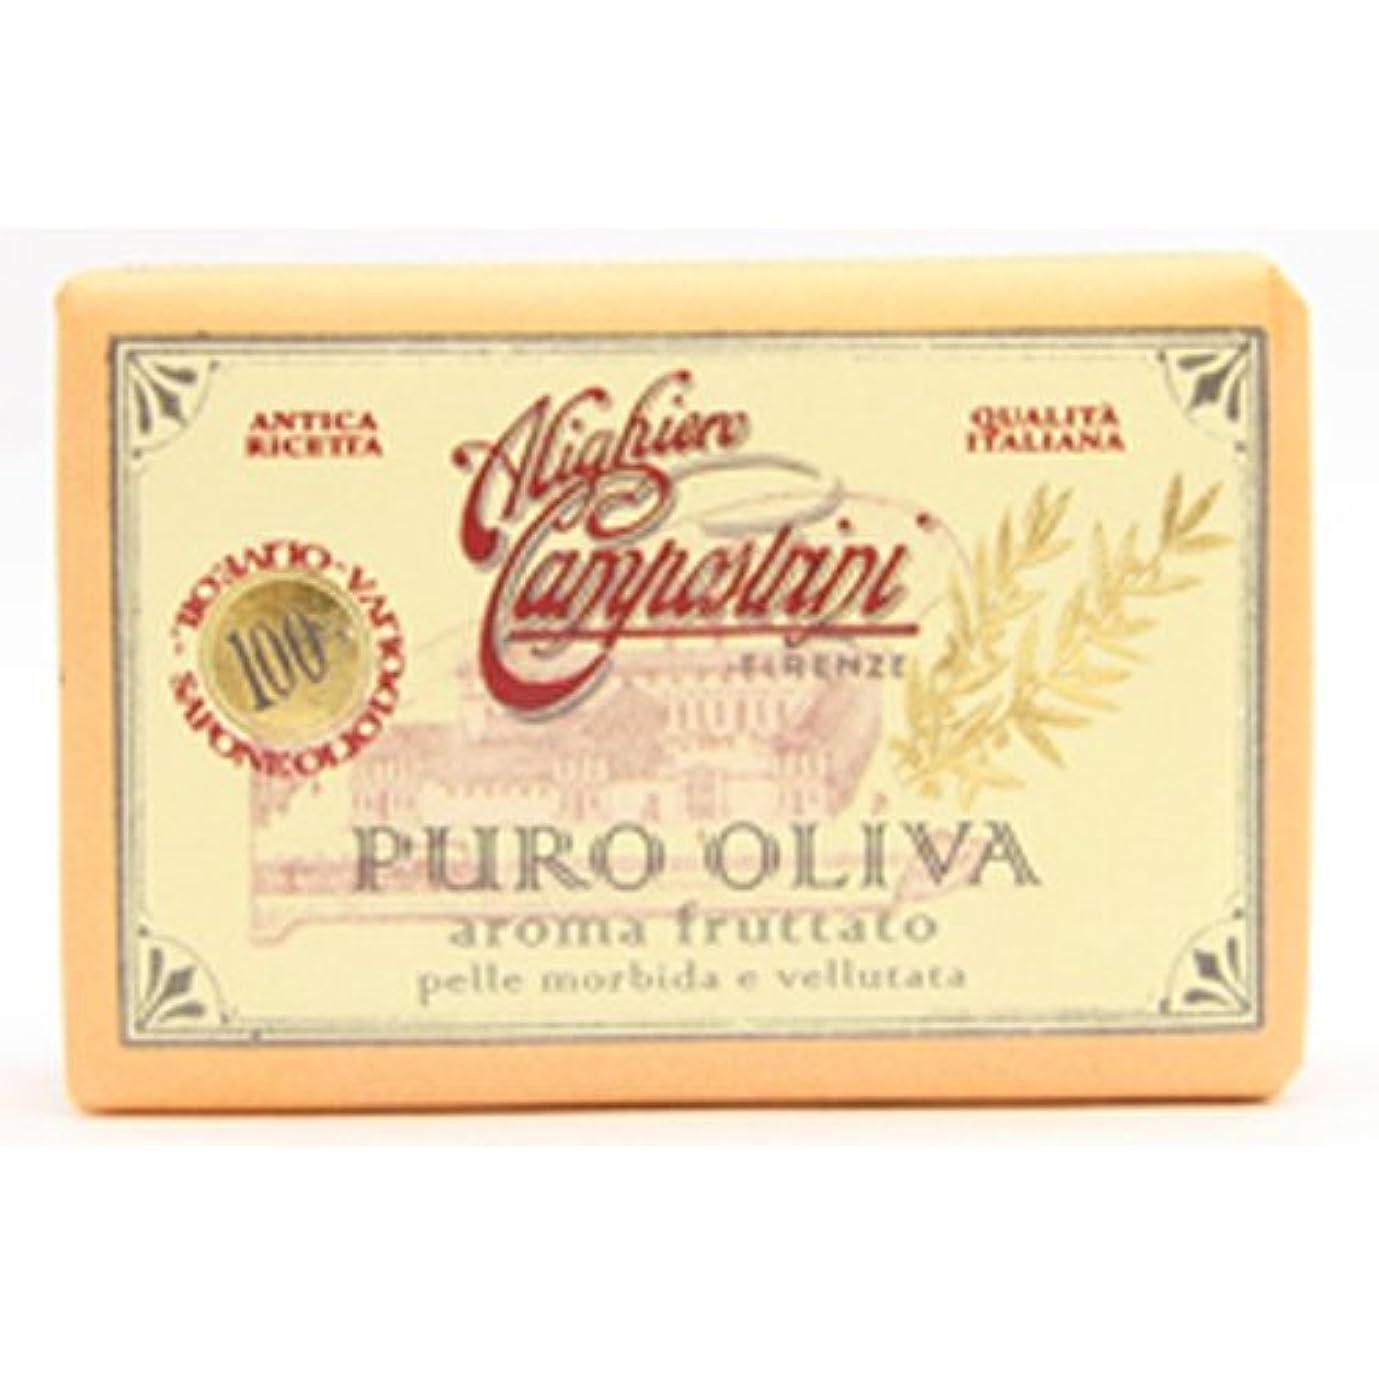 複数倍率邪魔Saponerire Fissi サポネリーフィッシー PURO OLIVA Soap オリーブオイル ピュロ ソープ Aroma fruttato フルーツ(オレンジ)